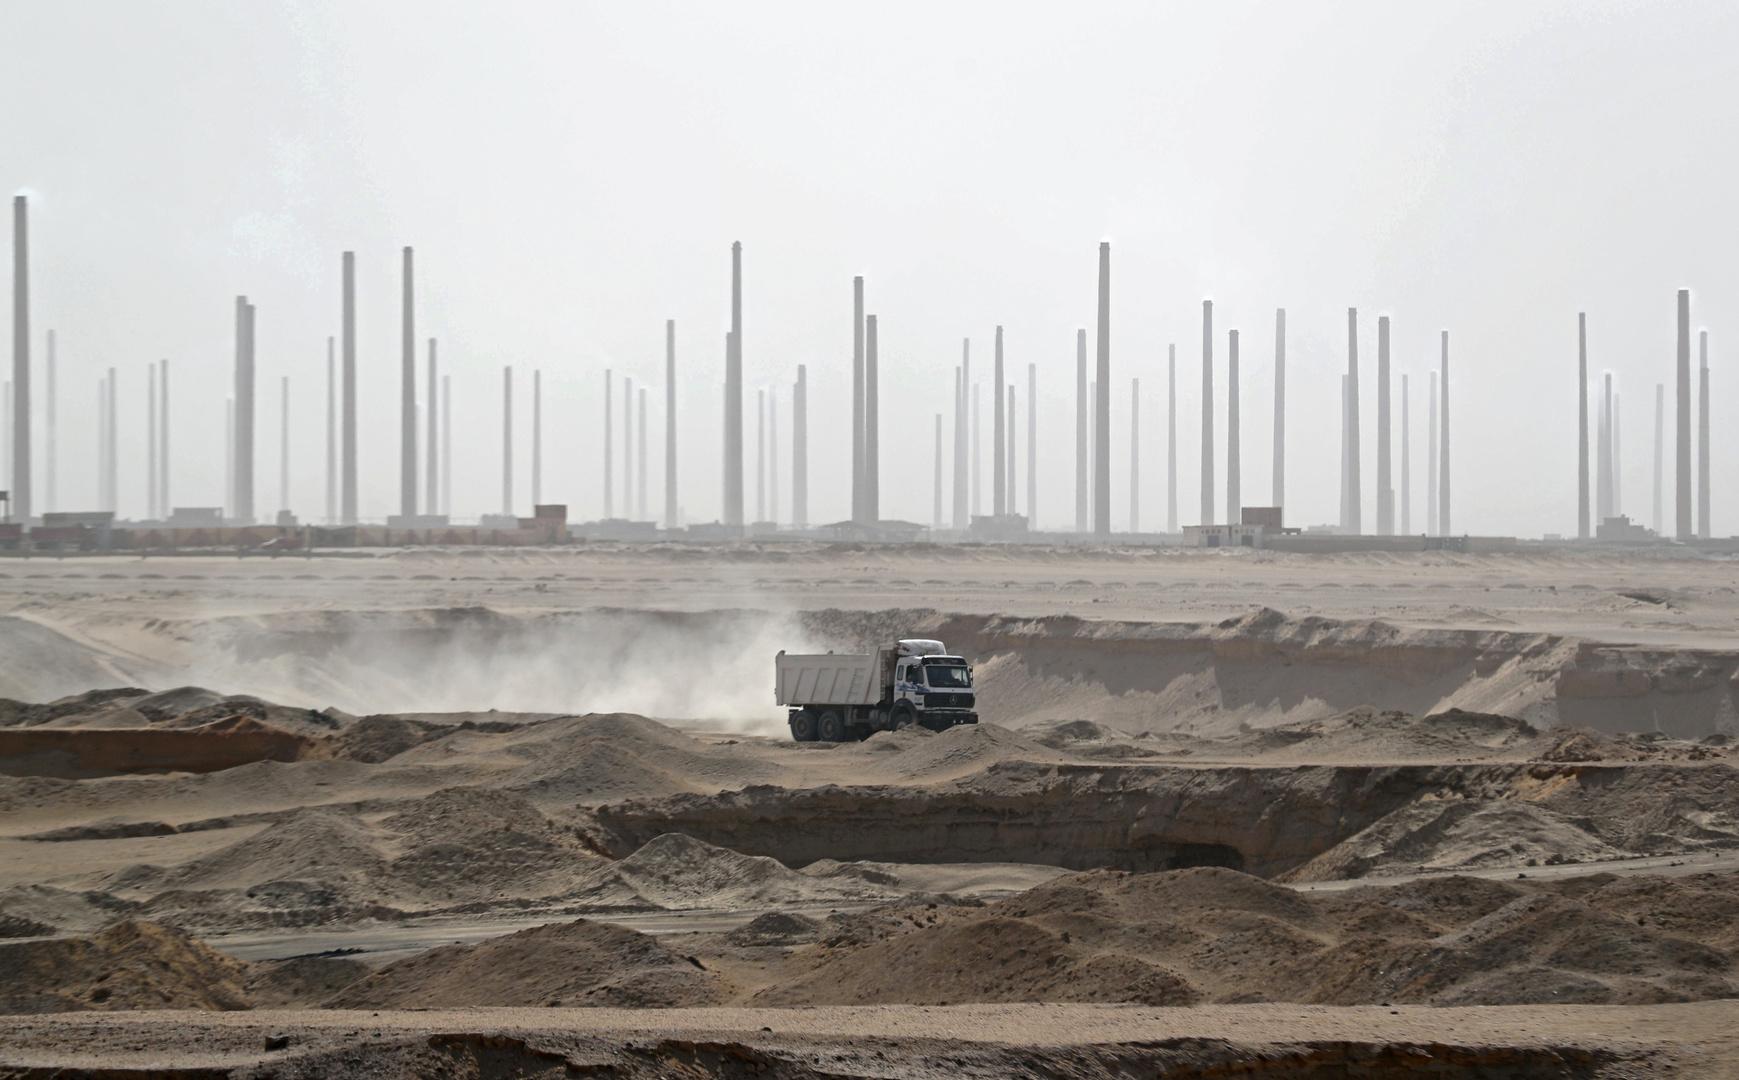 مصر بصدد إطلاق أول مصنع لتدوير إطارات الشاحنات